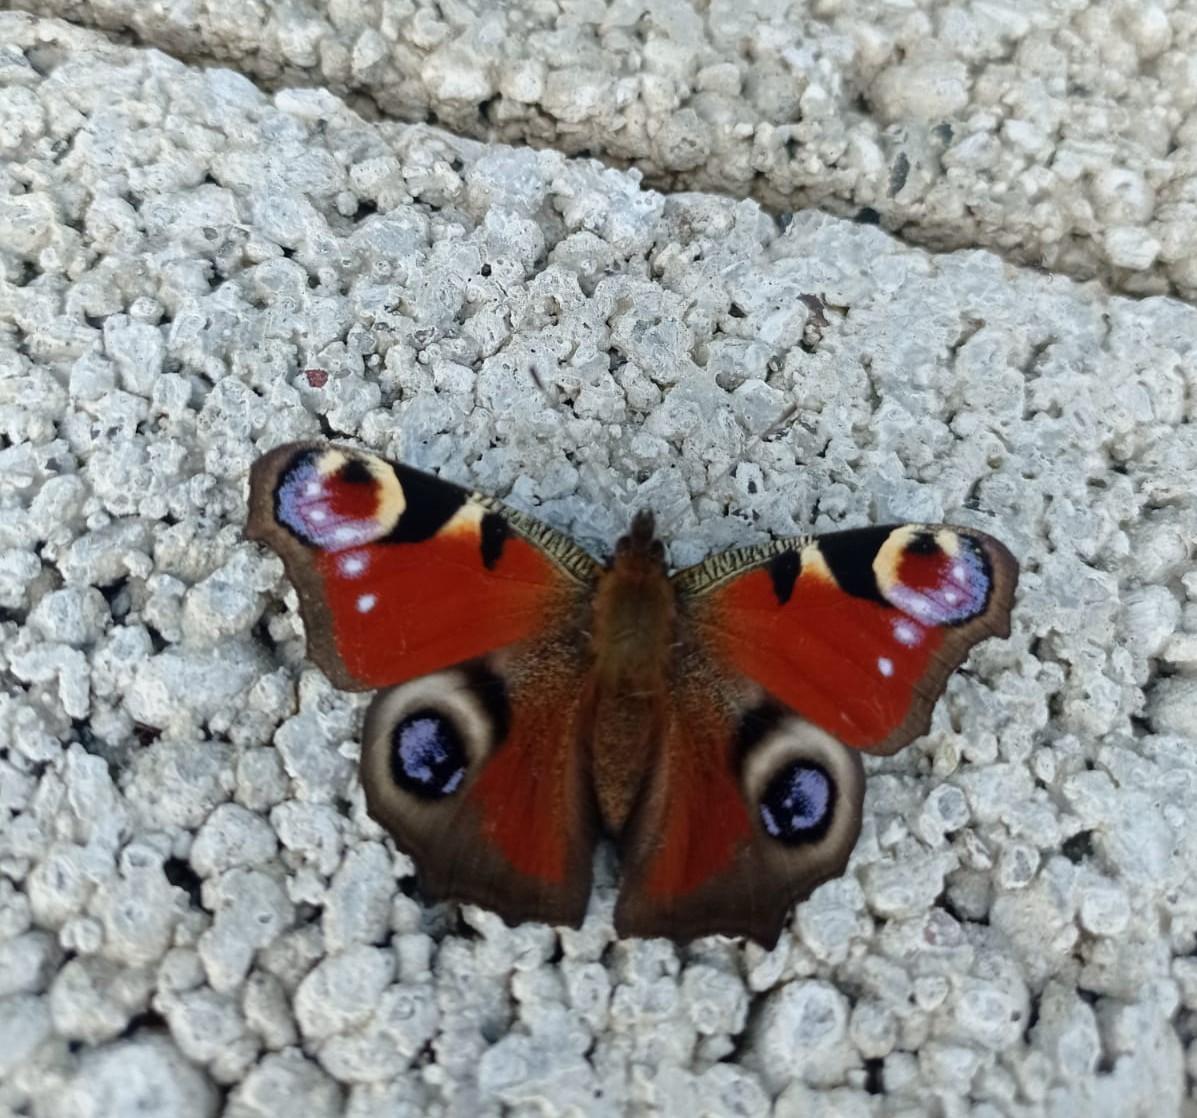 It's a Butterfly